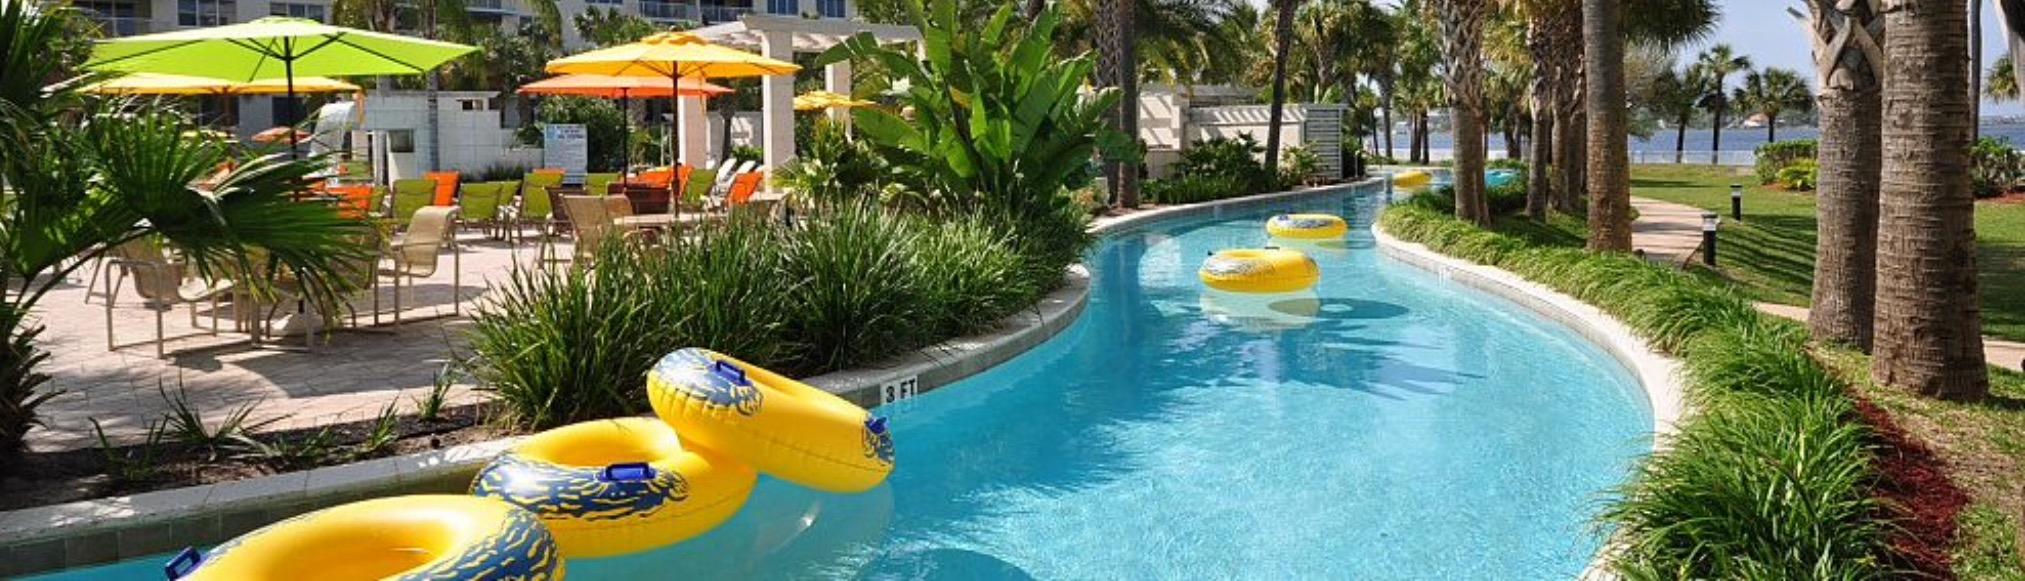 Destin Florida Condo Rental